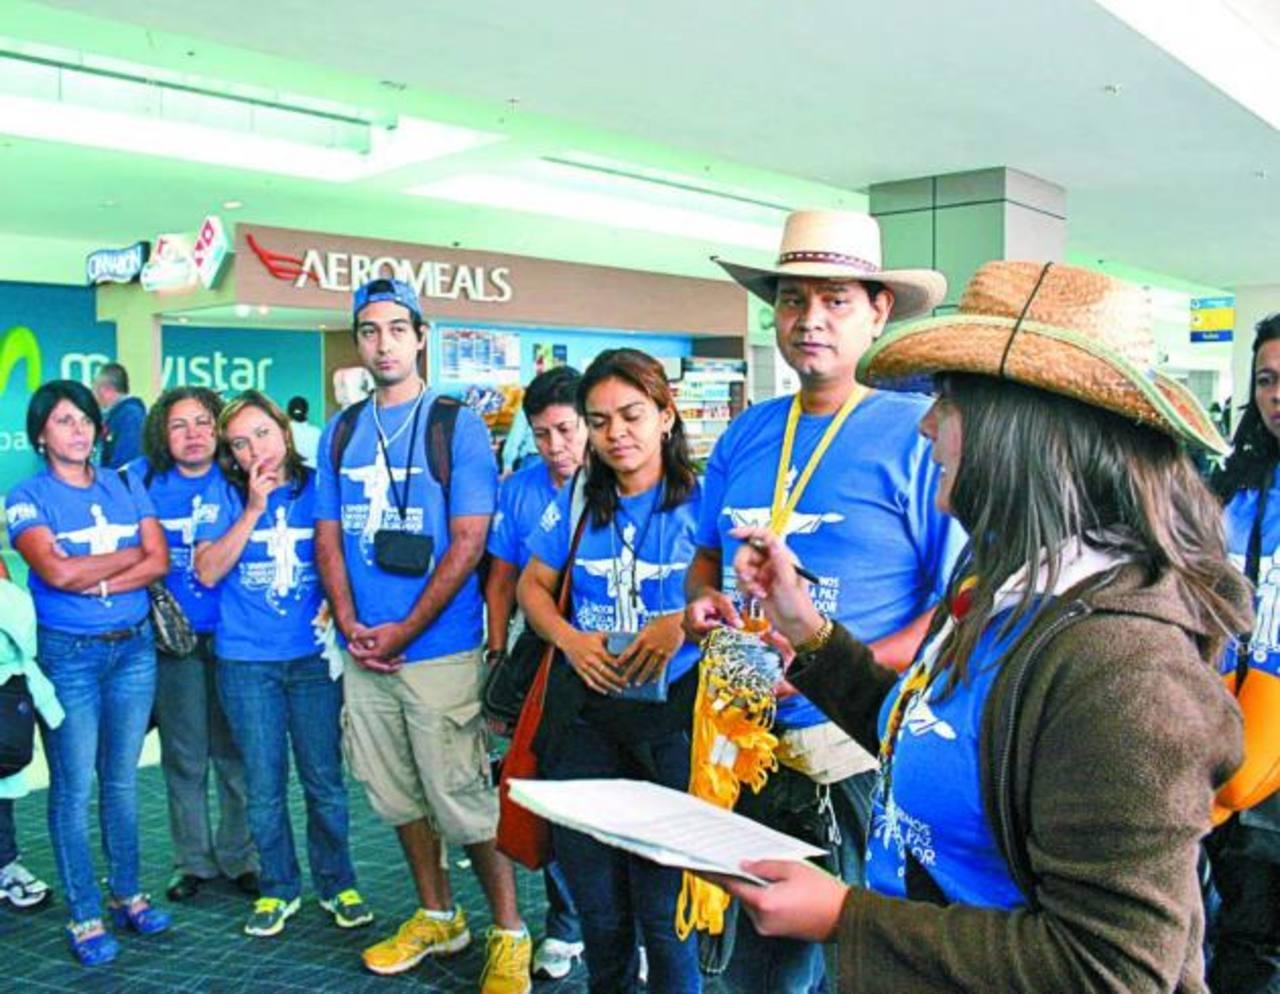 Sandra Zamora, coordinadora del Grupo 1, brindó las instrucciones a la delegación y entregó las acreditaciones.